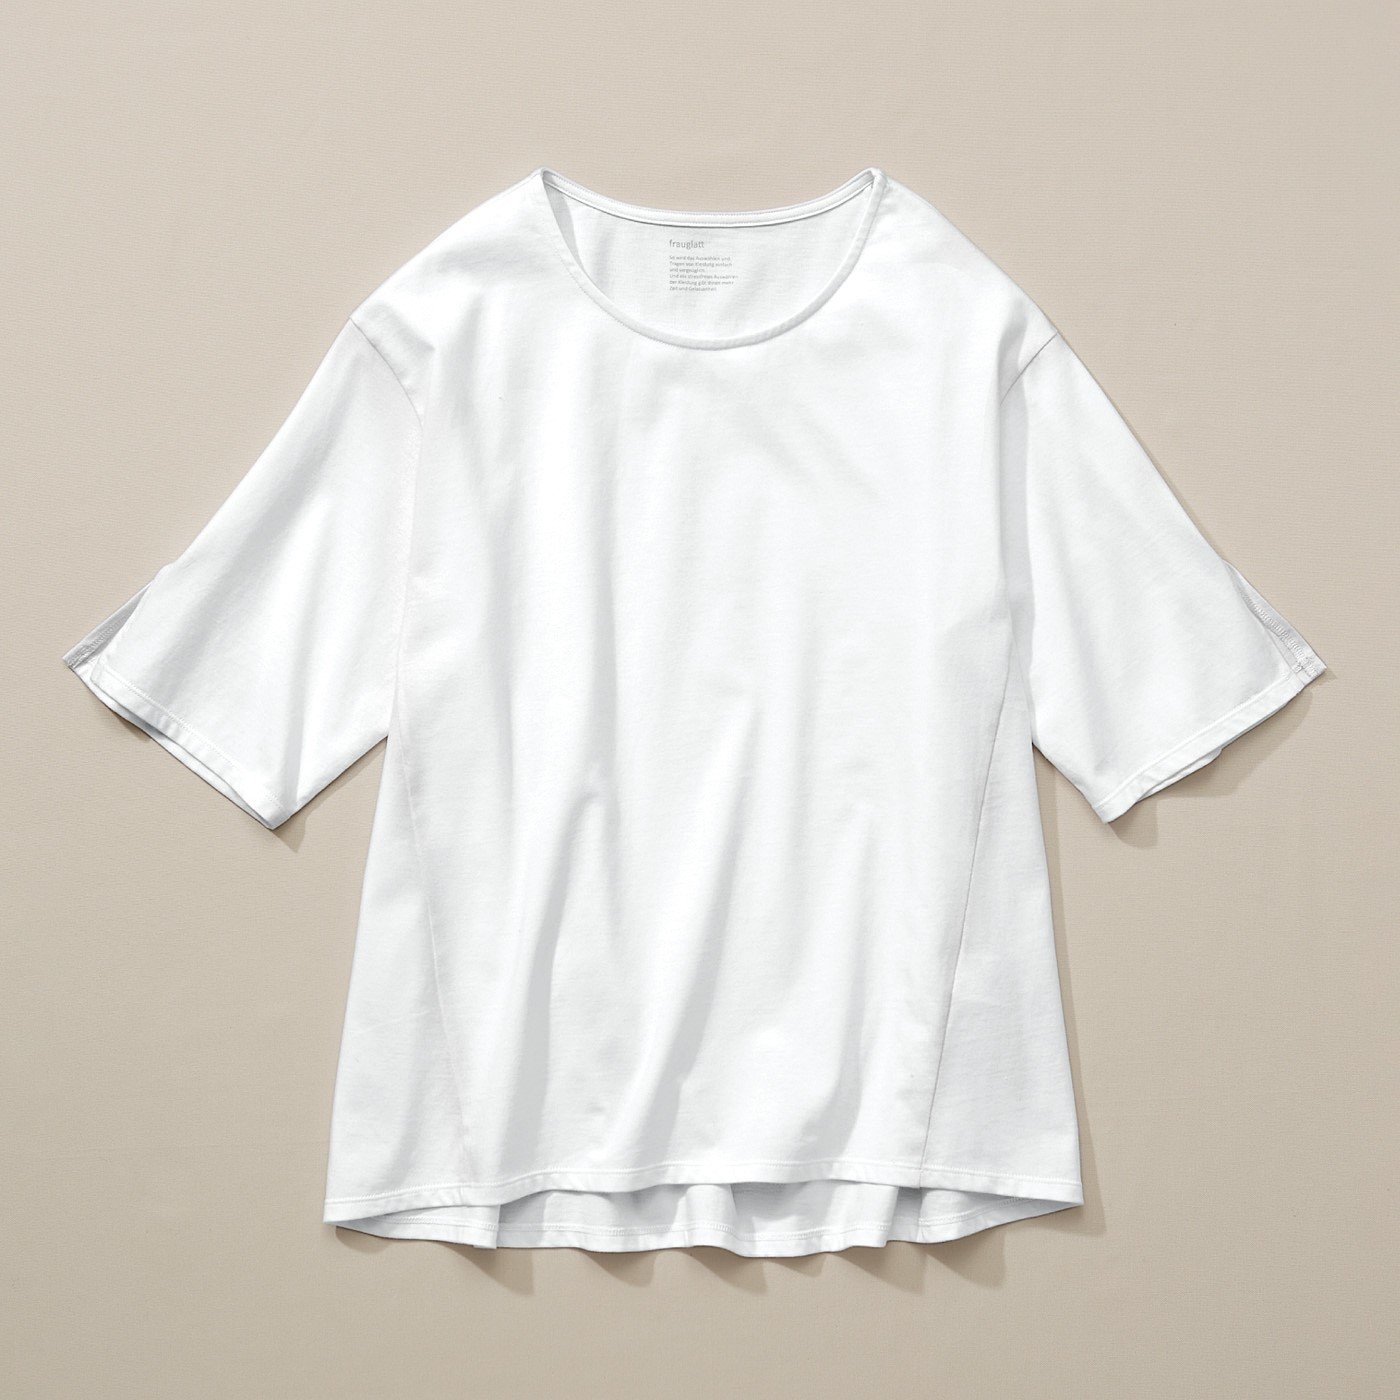 フラウグラット 一枚でさまになる♪ きれいめ綿100% 涼し袖白Tトップス〈抗菌防臭〉 の会